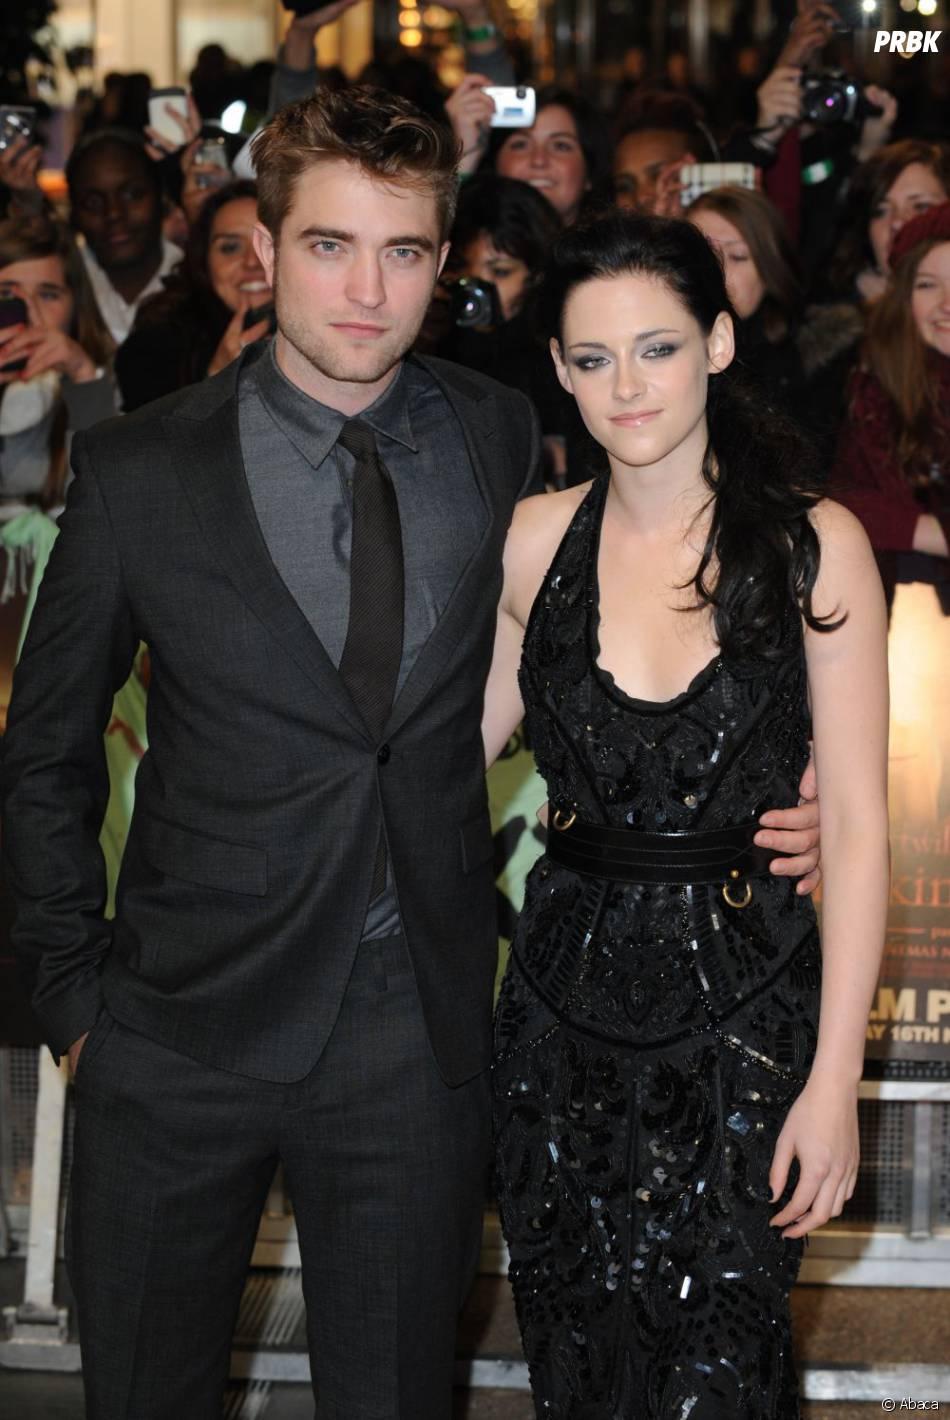 La dernière rumeur sur Robert Pattinson et Kristen Stewart semble étrange